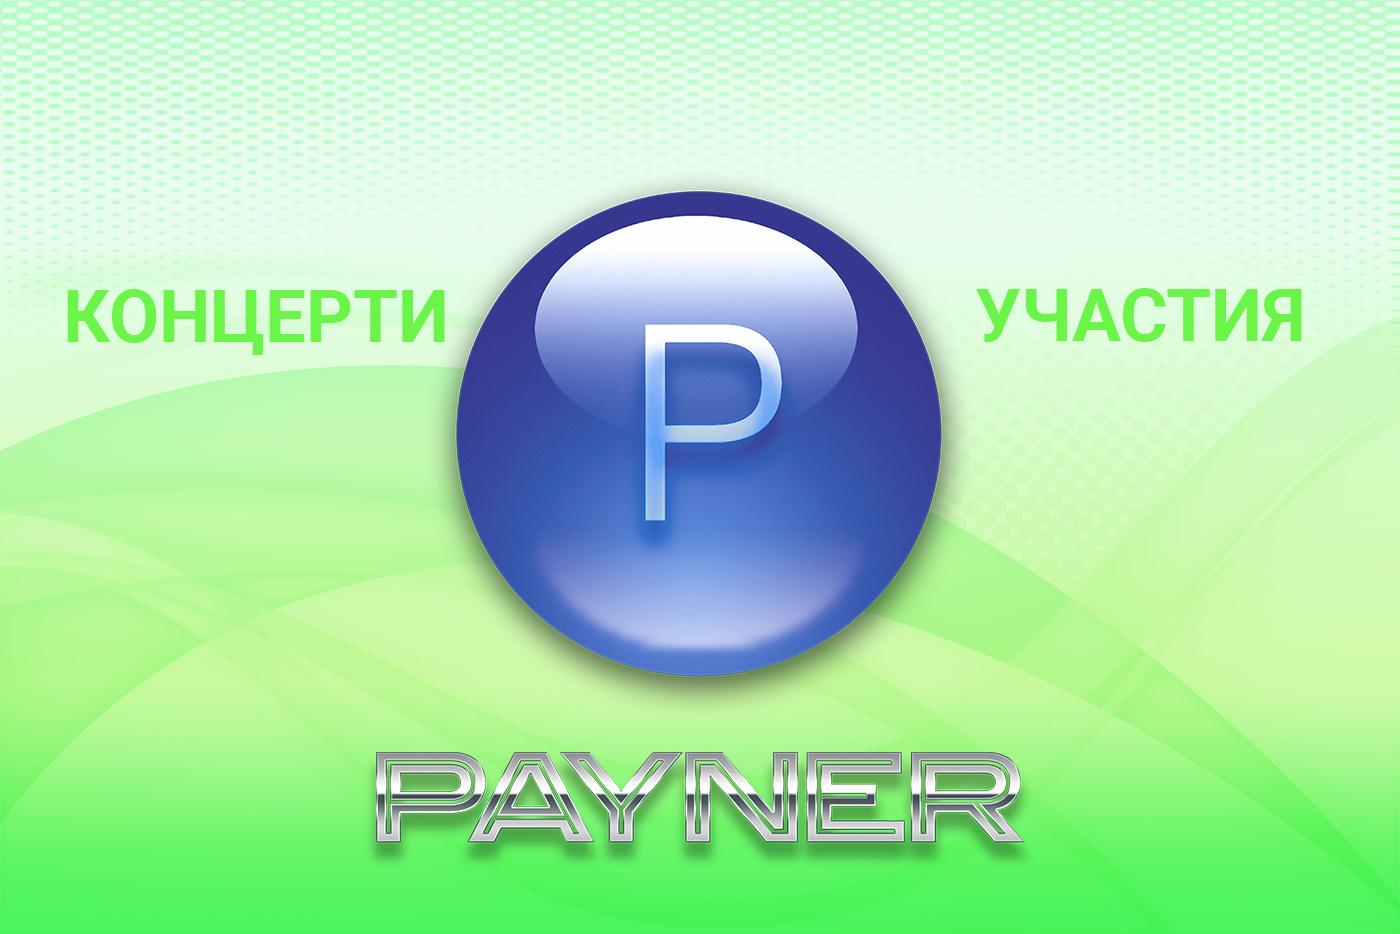 """Участия на звездите на """"Пайнер"""" на 20.02.2020"""